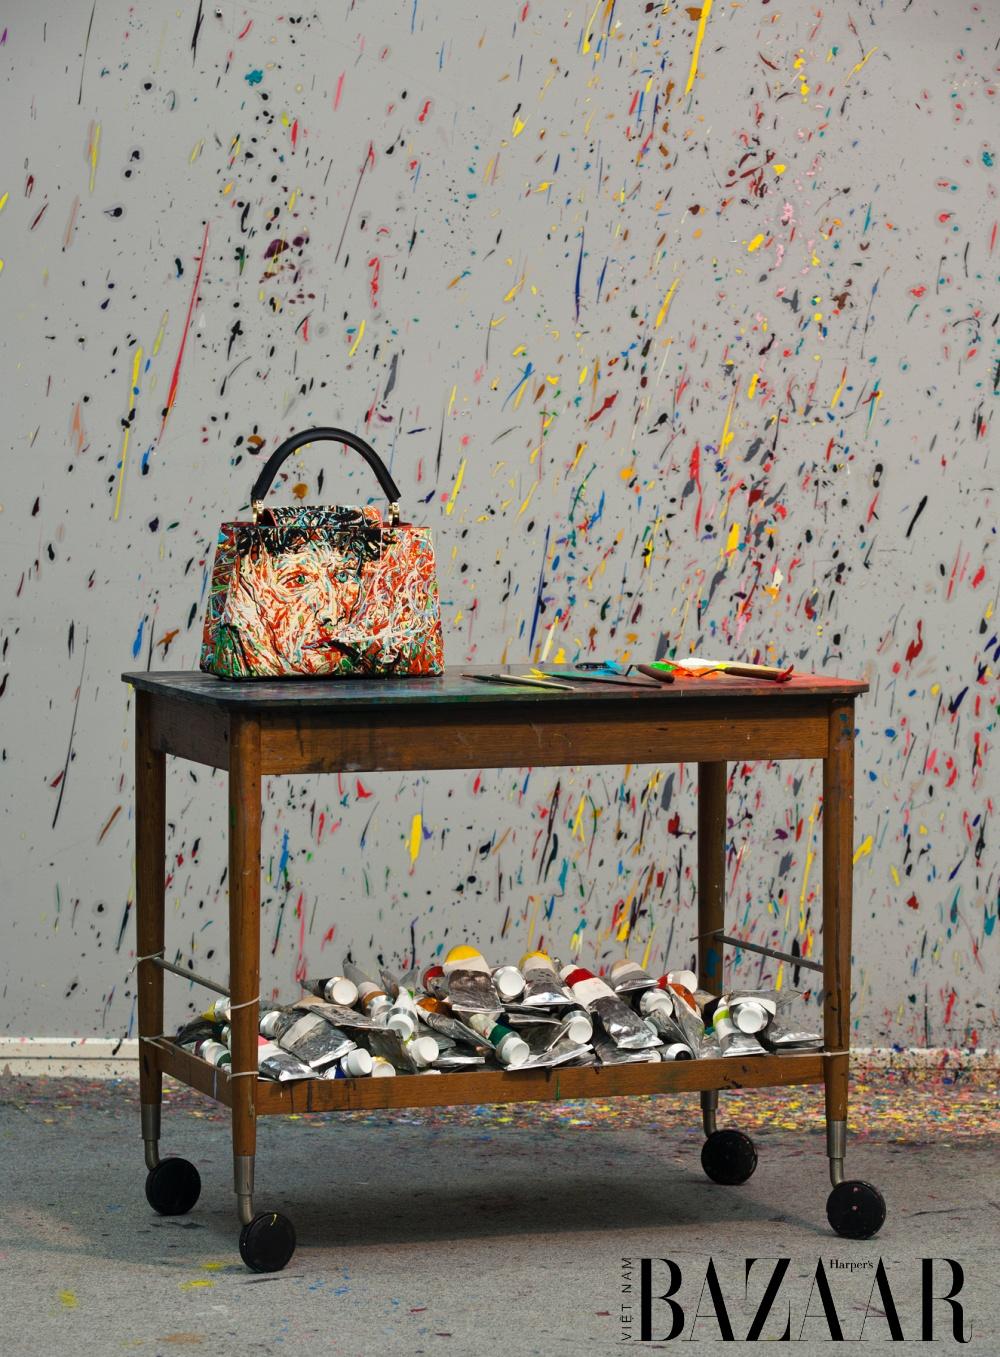 Louis Vuitton ra mắt 6 thiết kế Artycapucines nghệ thuật năm 2021 7